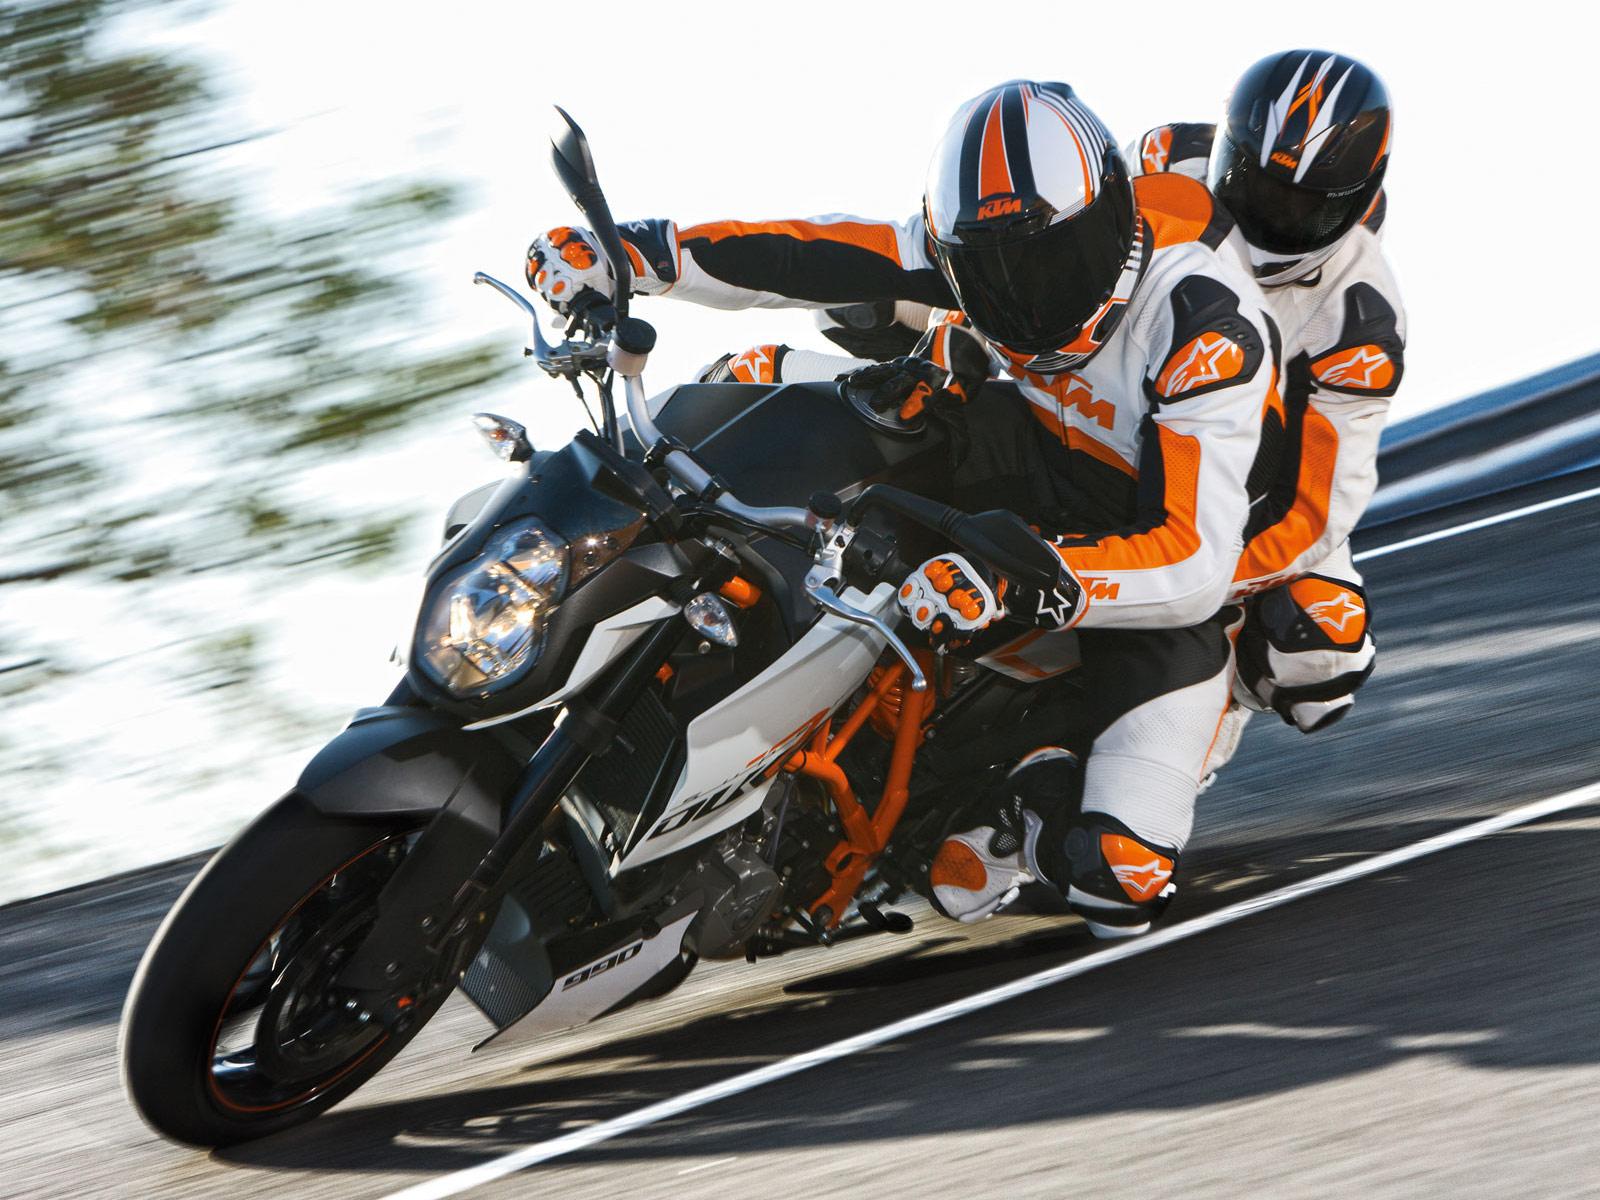 http://4.bp.blogspot.com/-gihEY3VYrhM/TxAEipDxPfI/AAAAAAAAKL8/mvvrX4HOrK4/s1600/2012-KTM-990-Duke-R-motorcycle-desktop-wallpapers_1.jpg